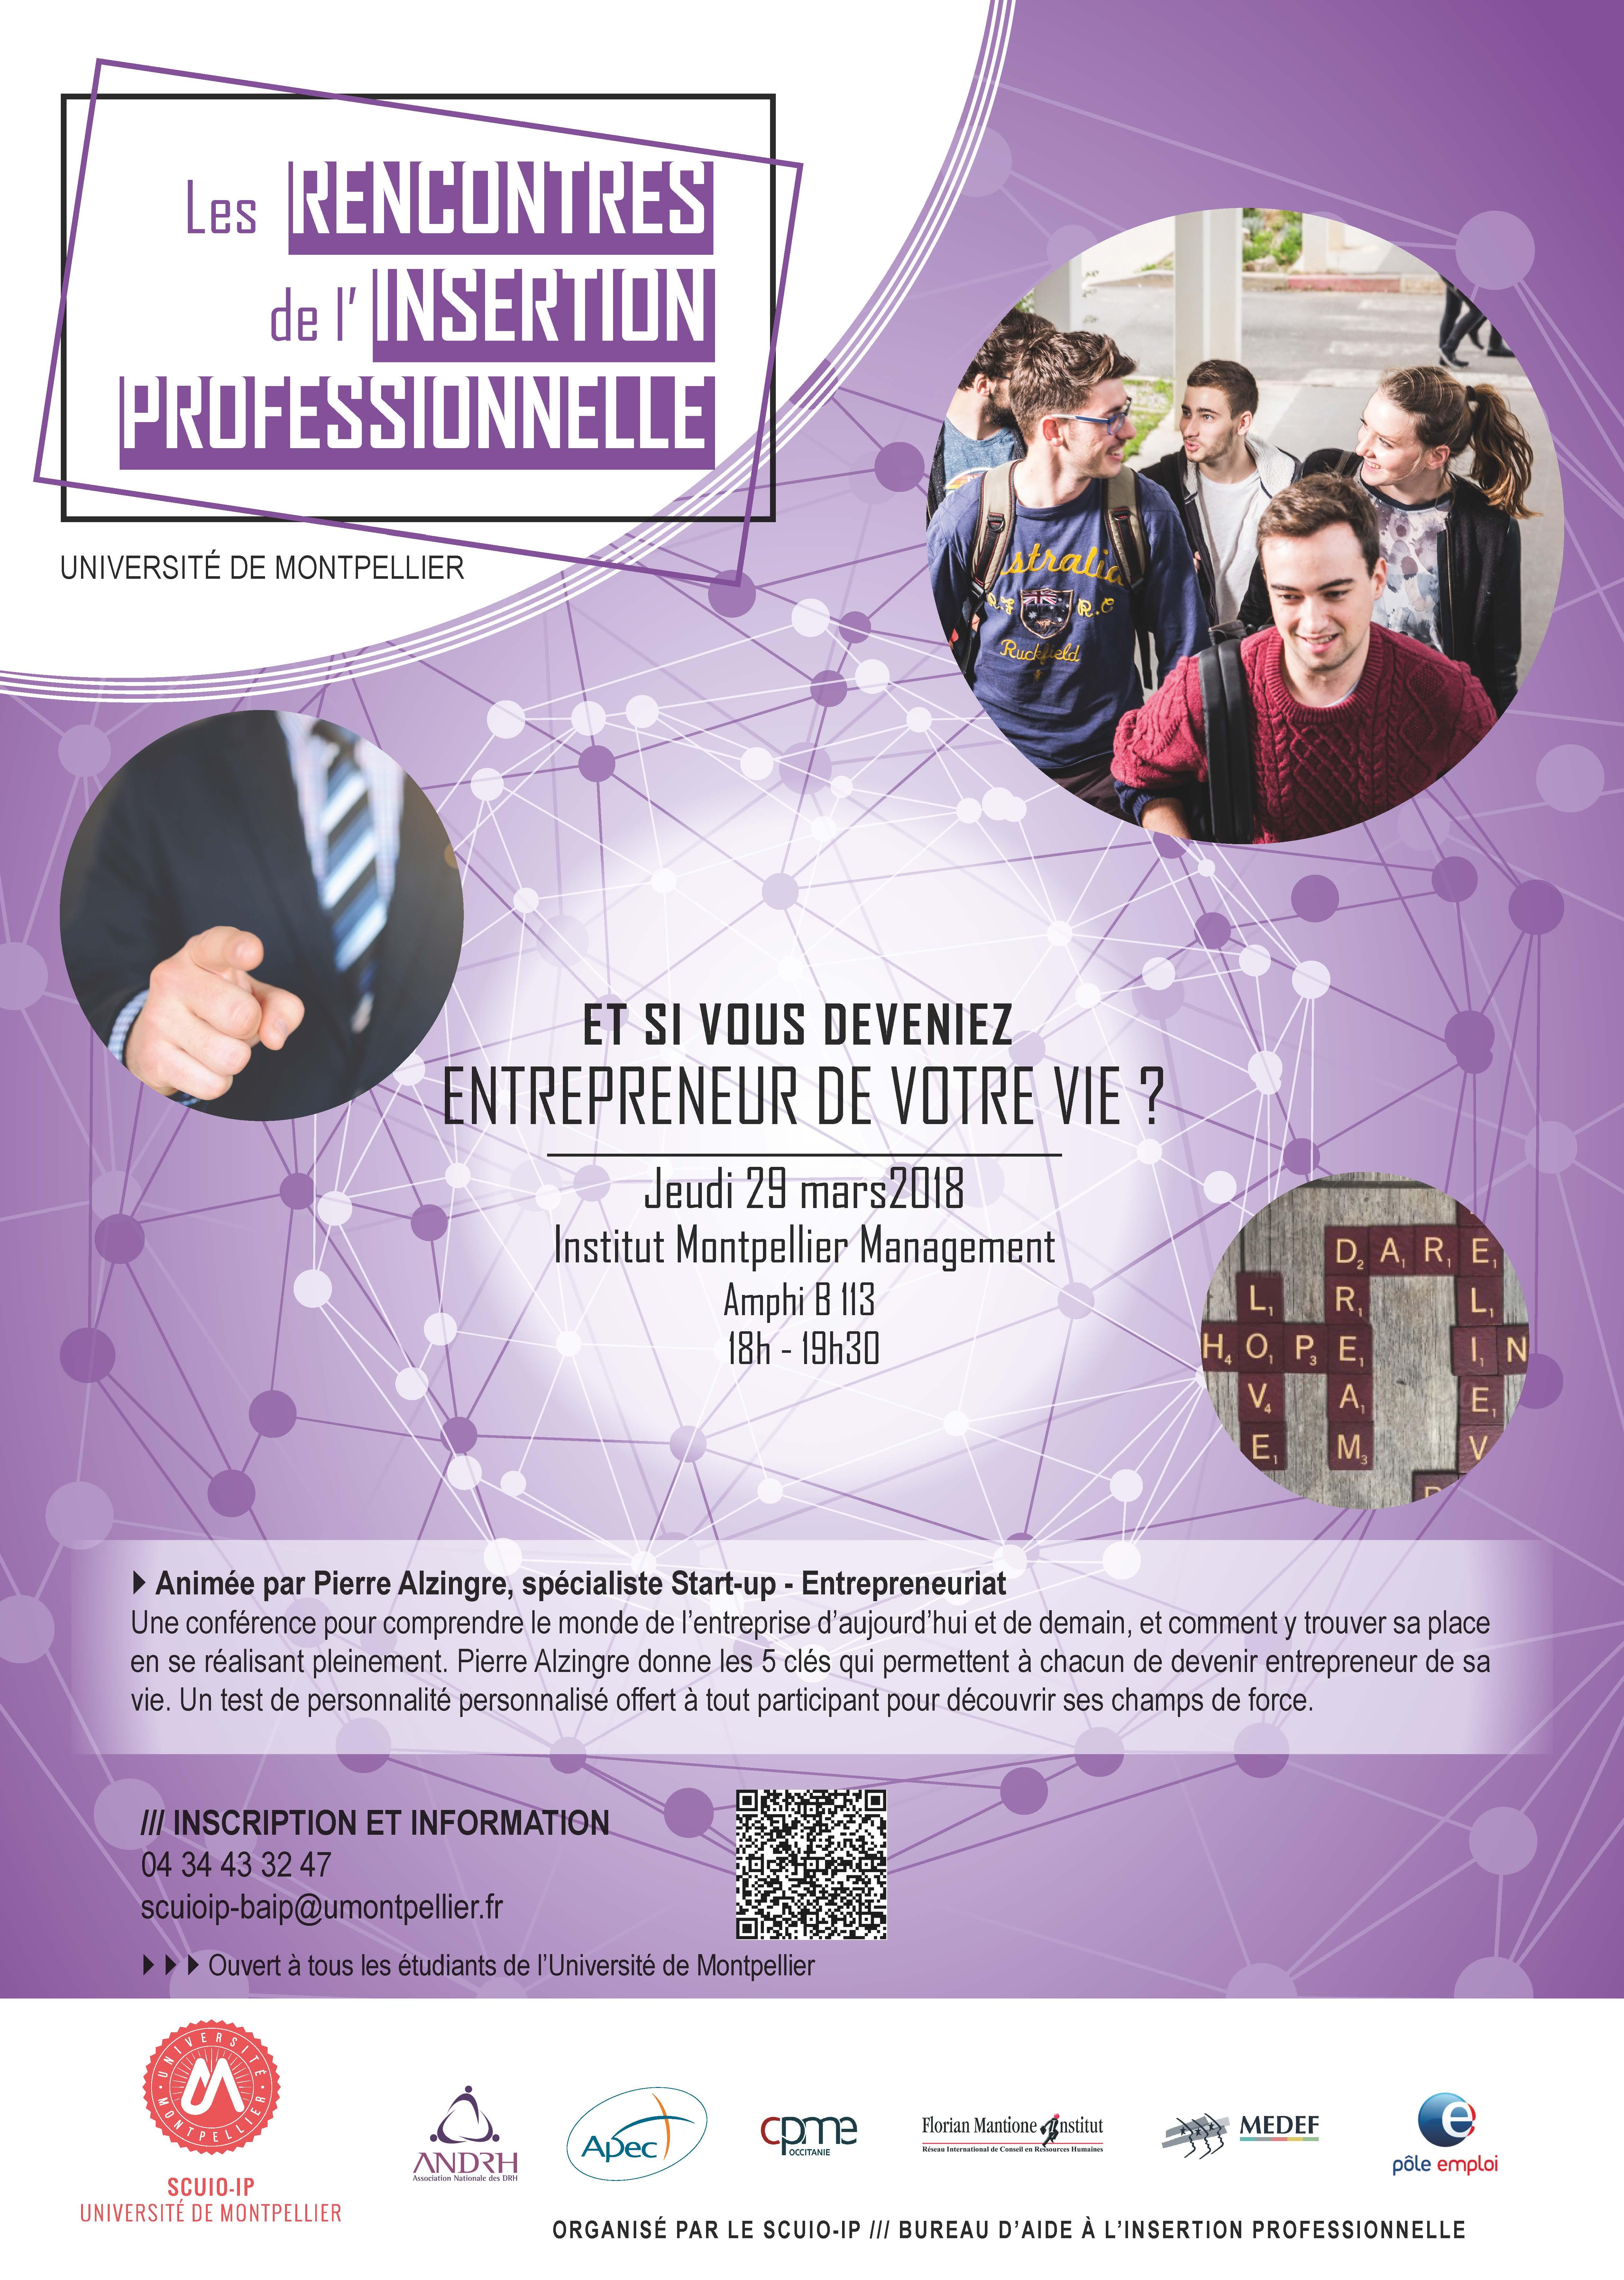 Le CEFE et l'OSU OREME aux 3e rencontres R à Montpellier